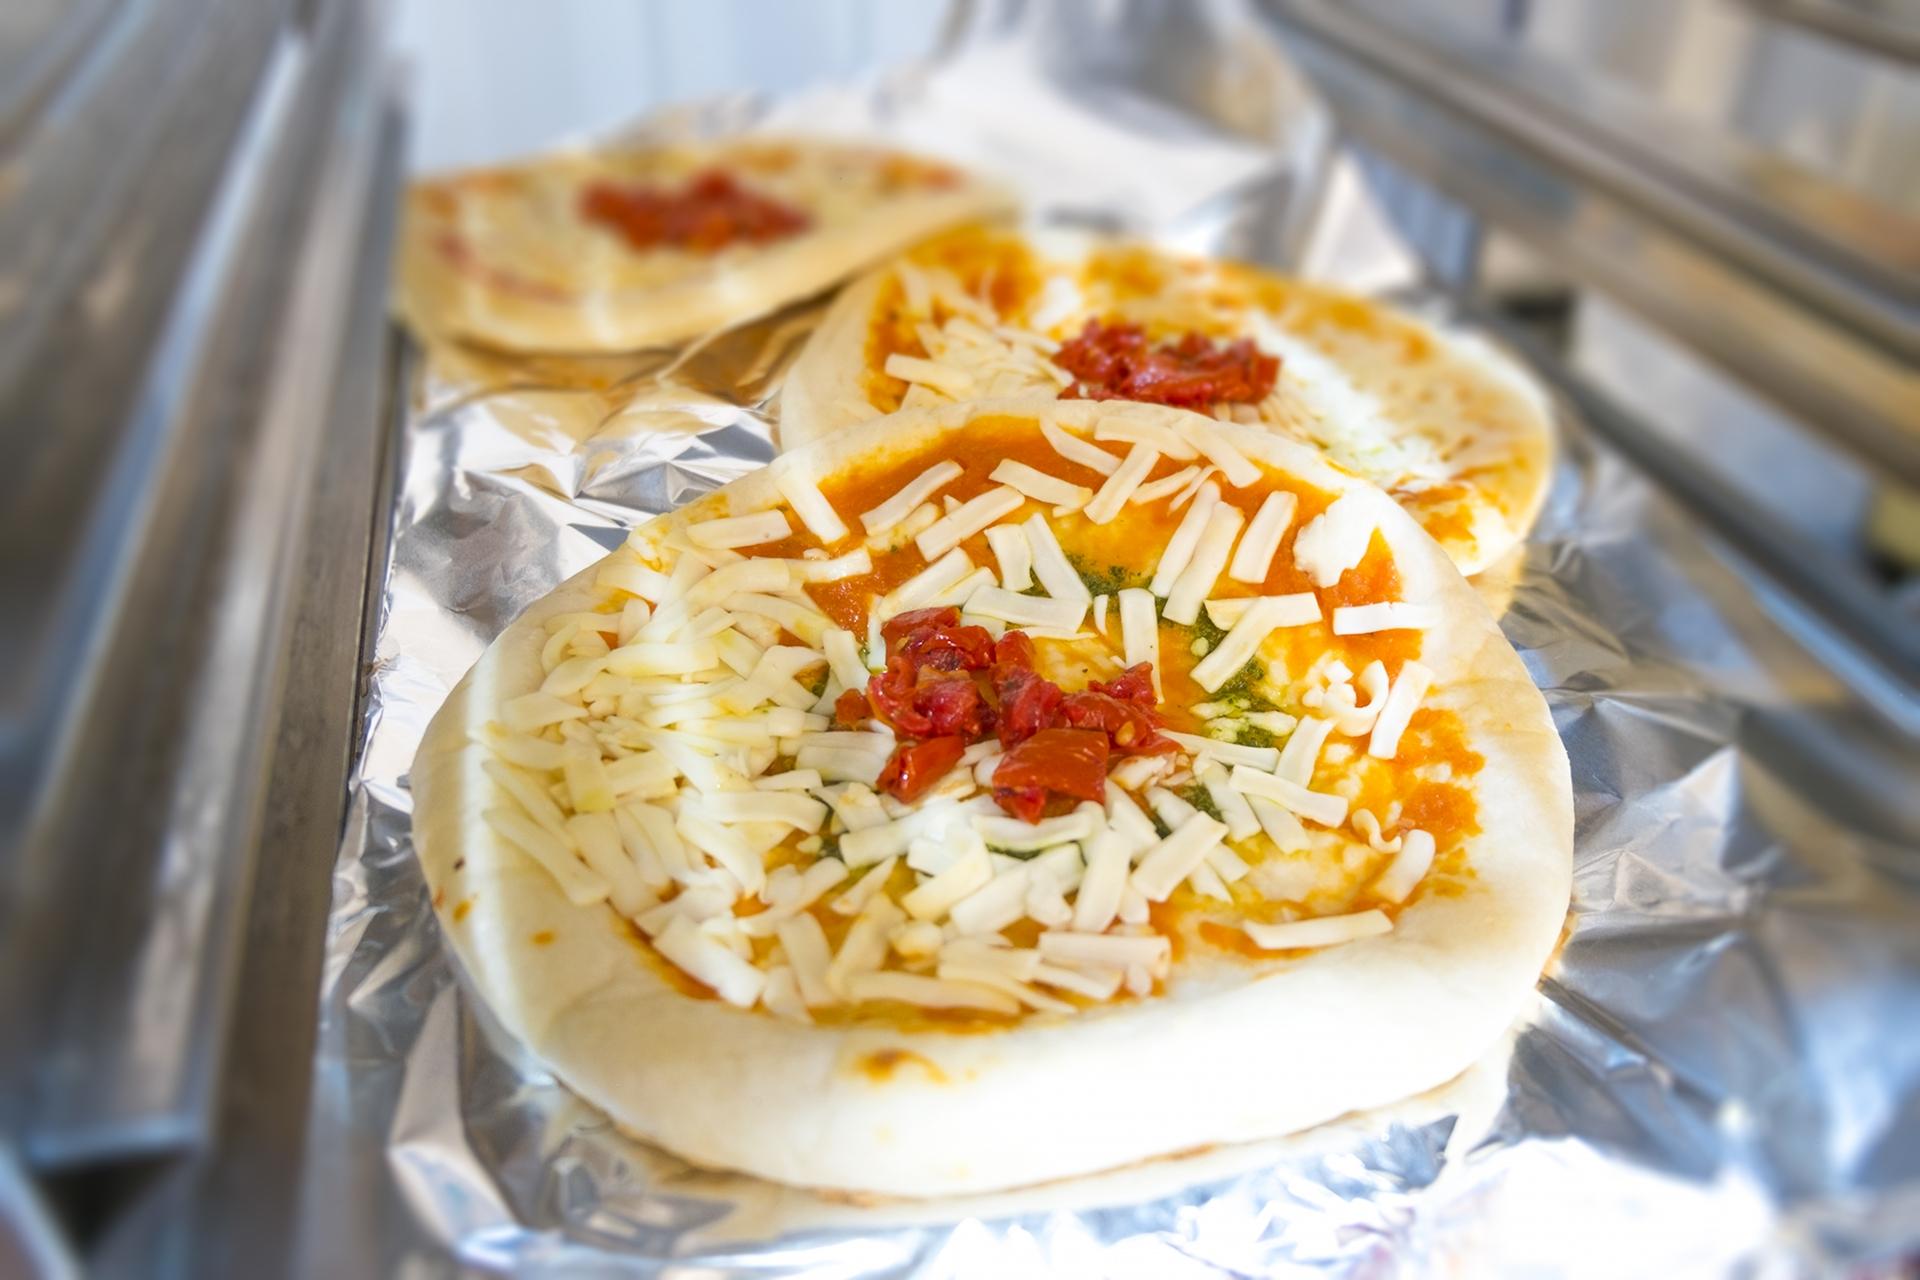 冷凍ピザのおすすめ6選!作り方や明治の商品も